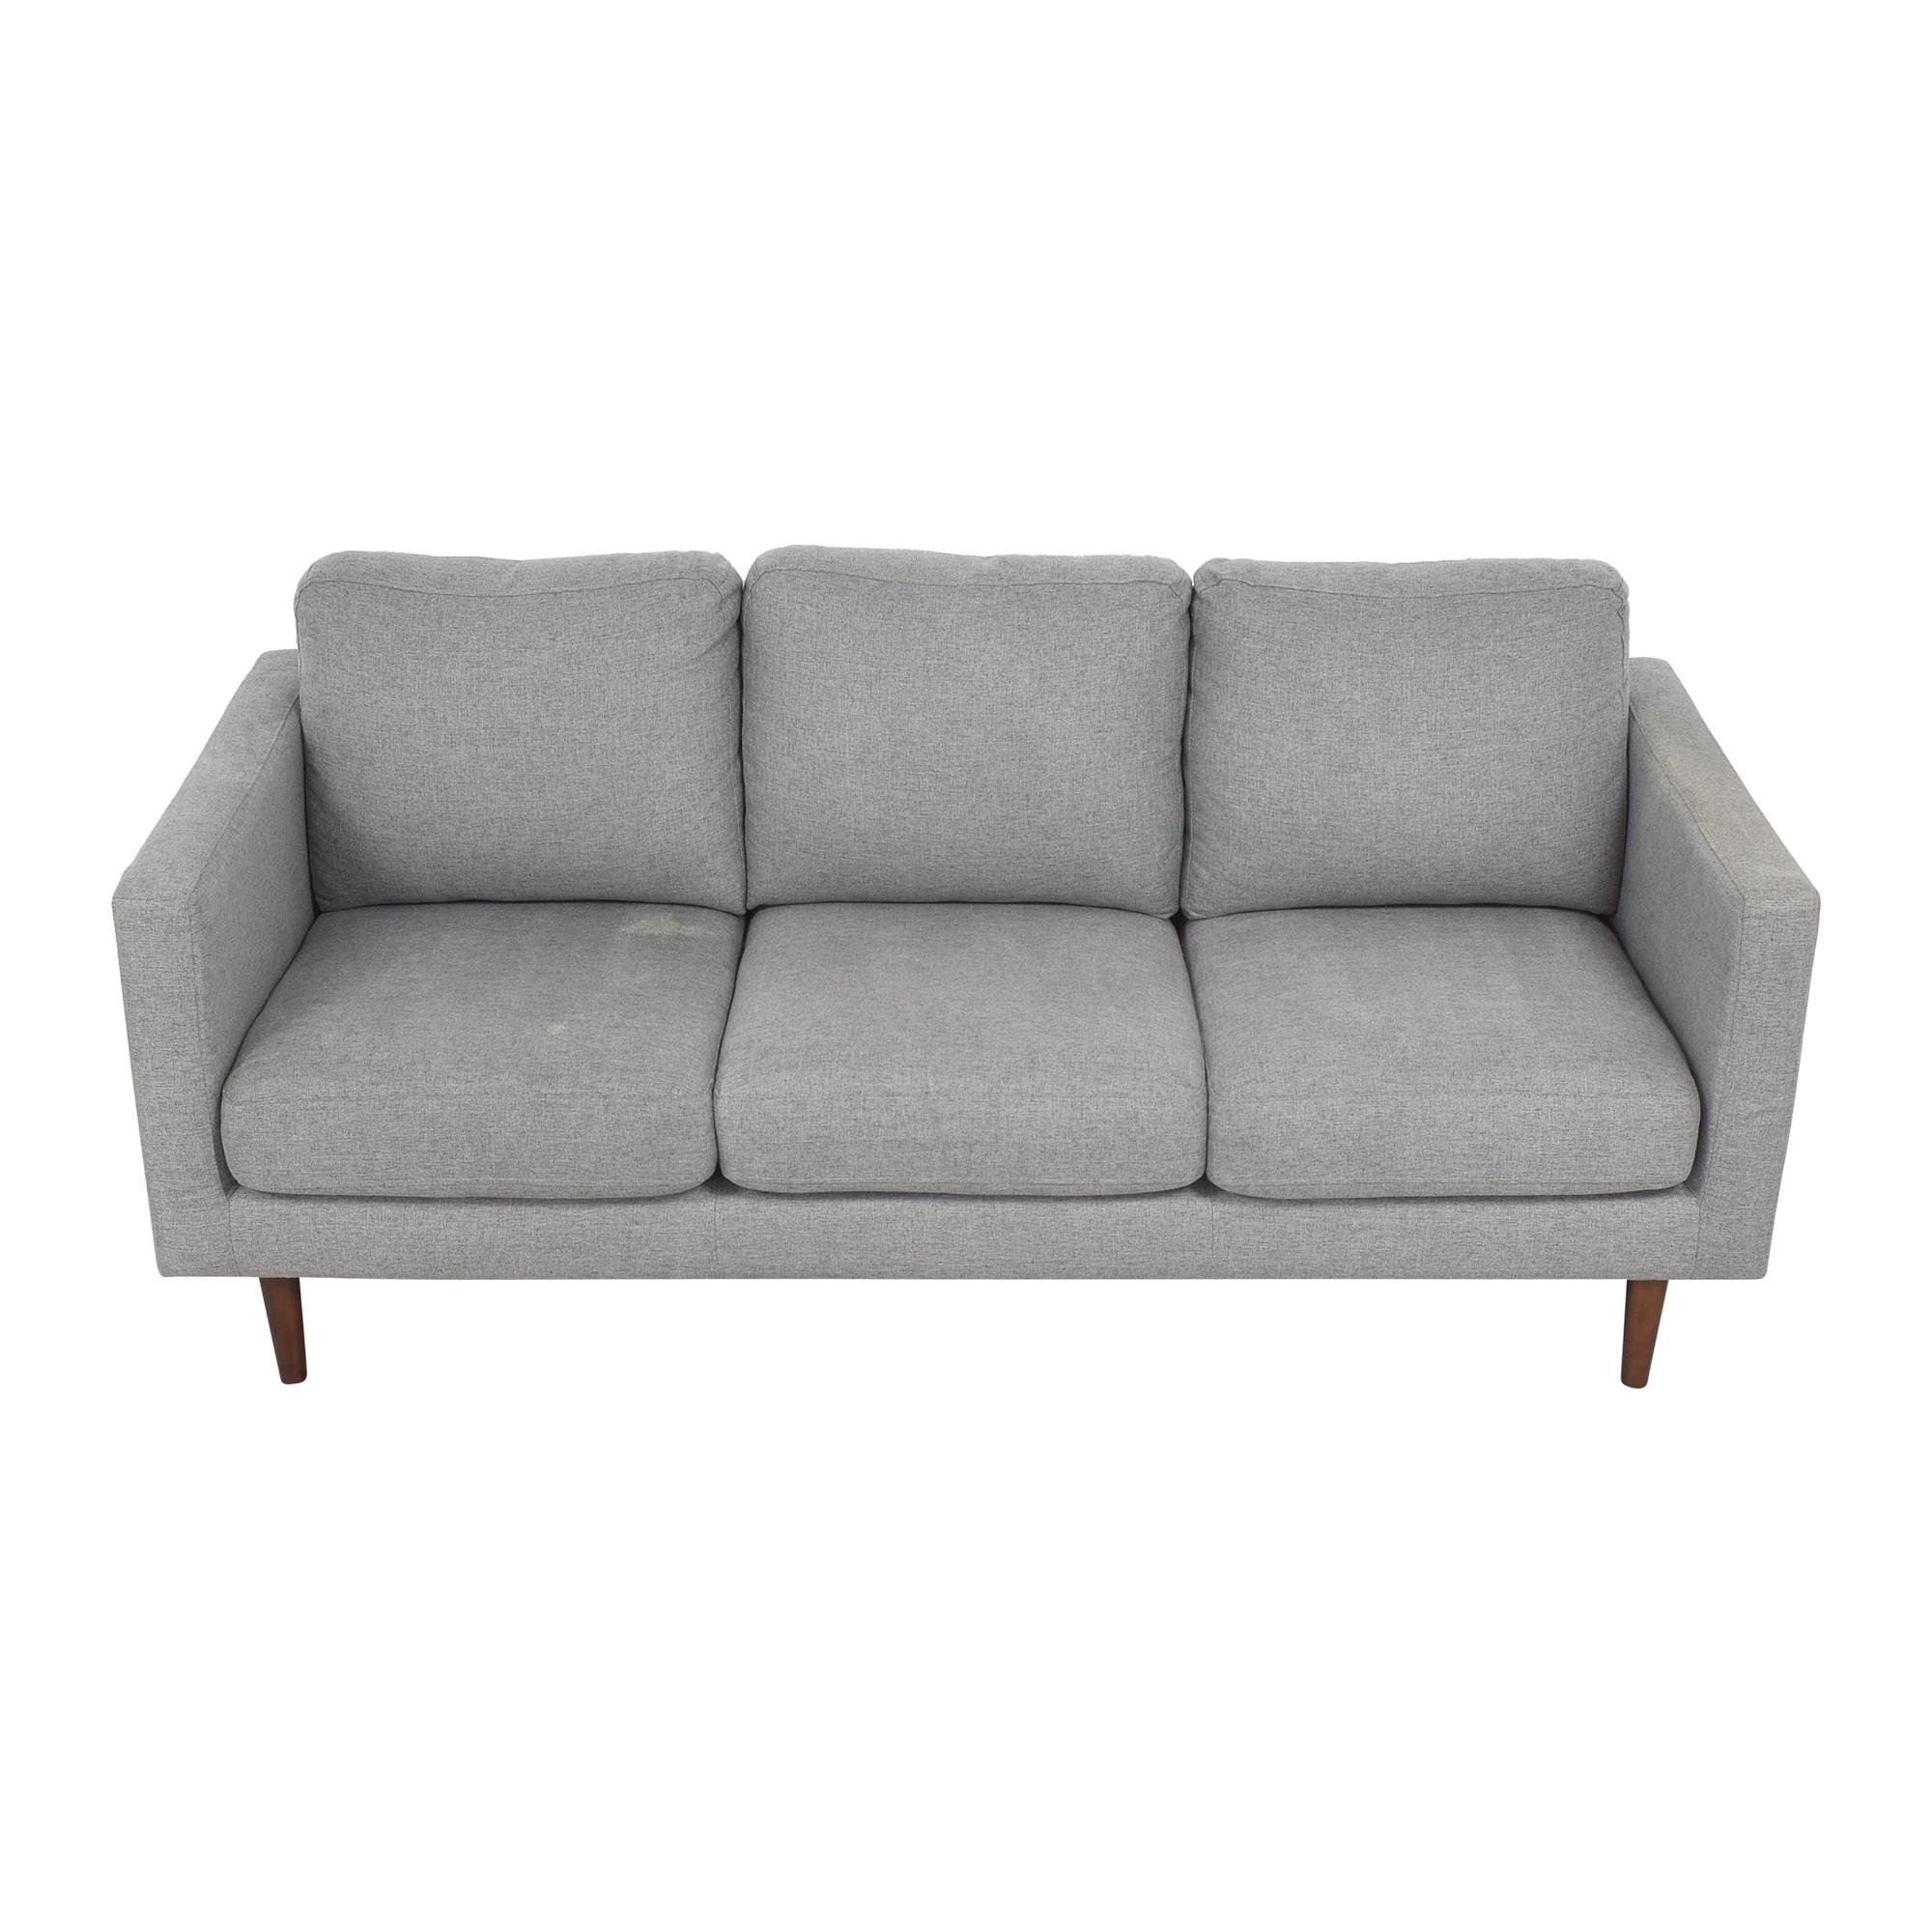 Amazon Rivet Revolve Modern Upholstered Sofa sale